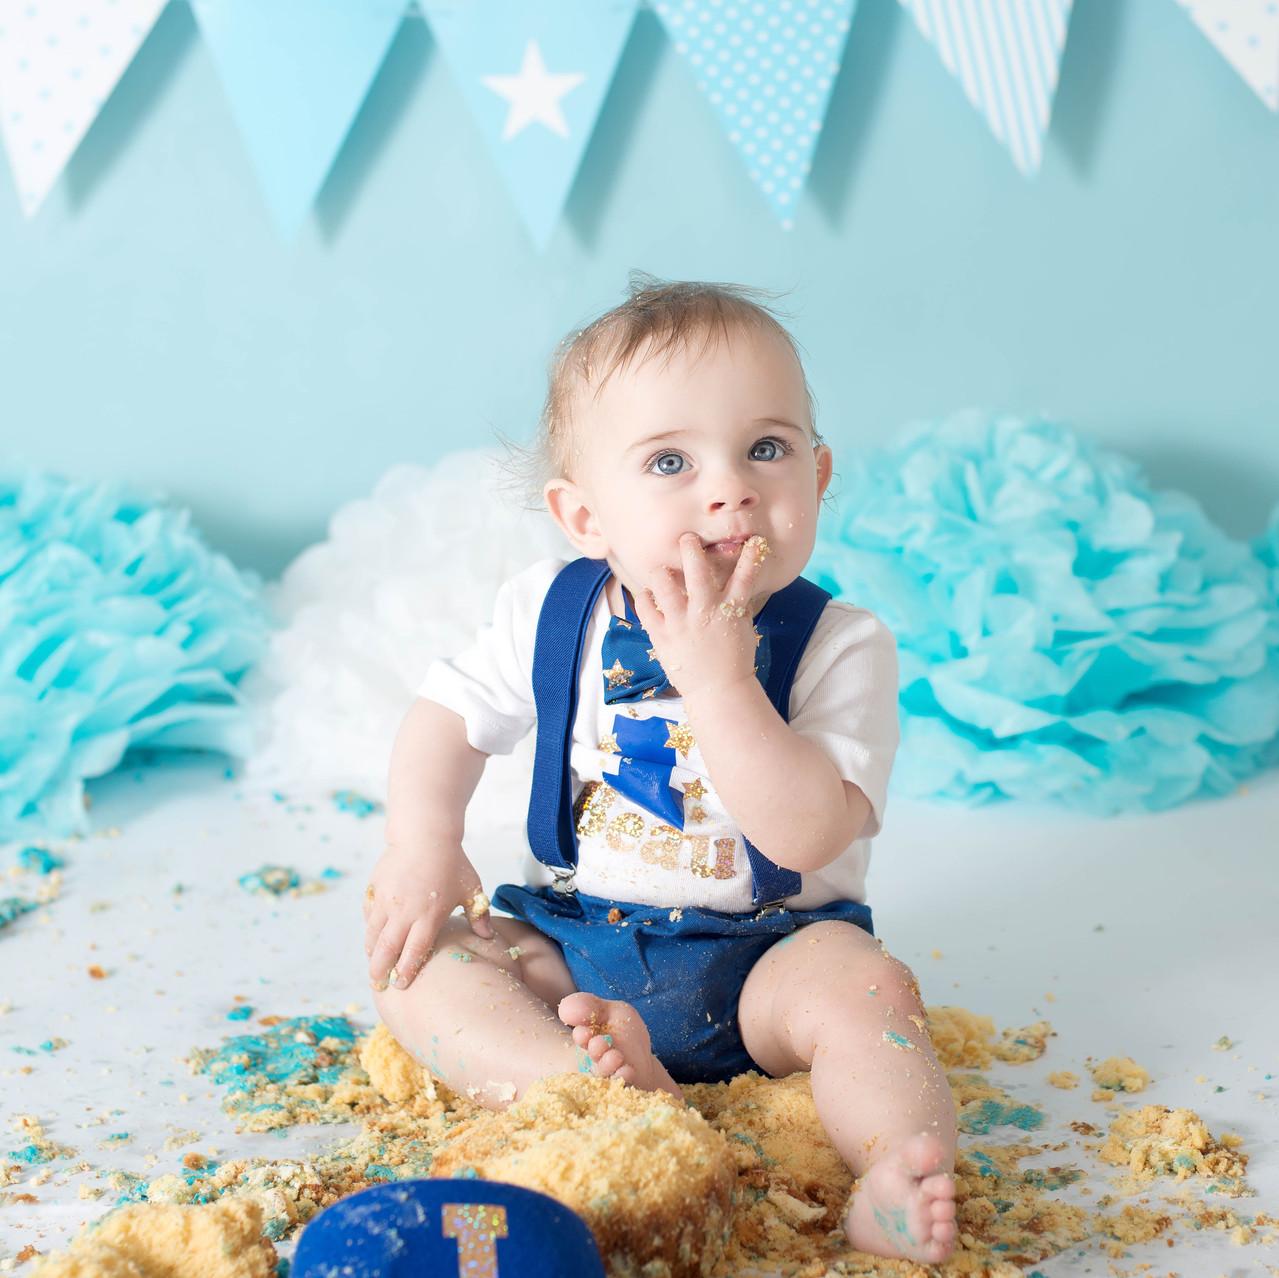 Boy cake Smash in Sydney Studio blue